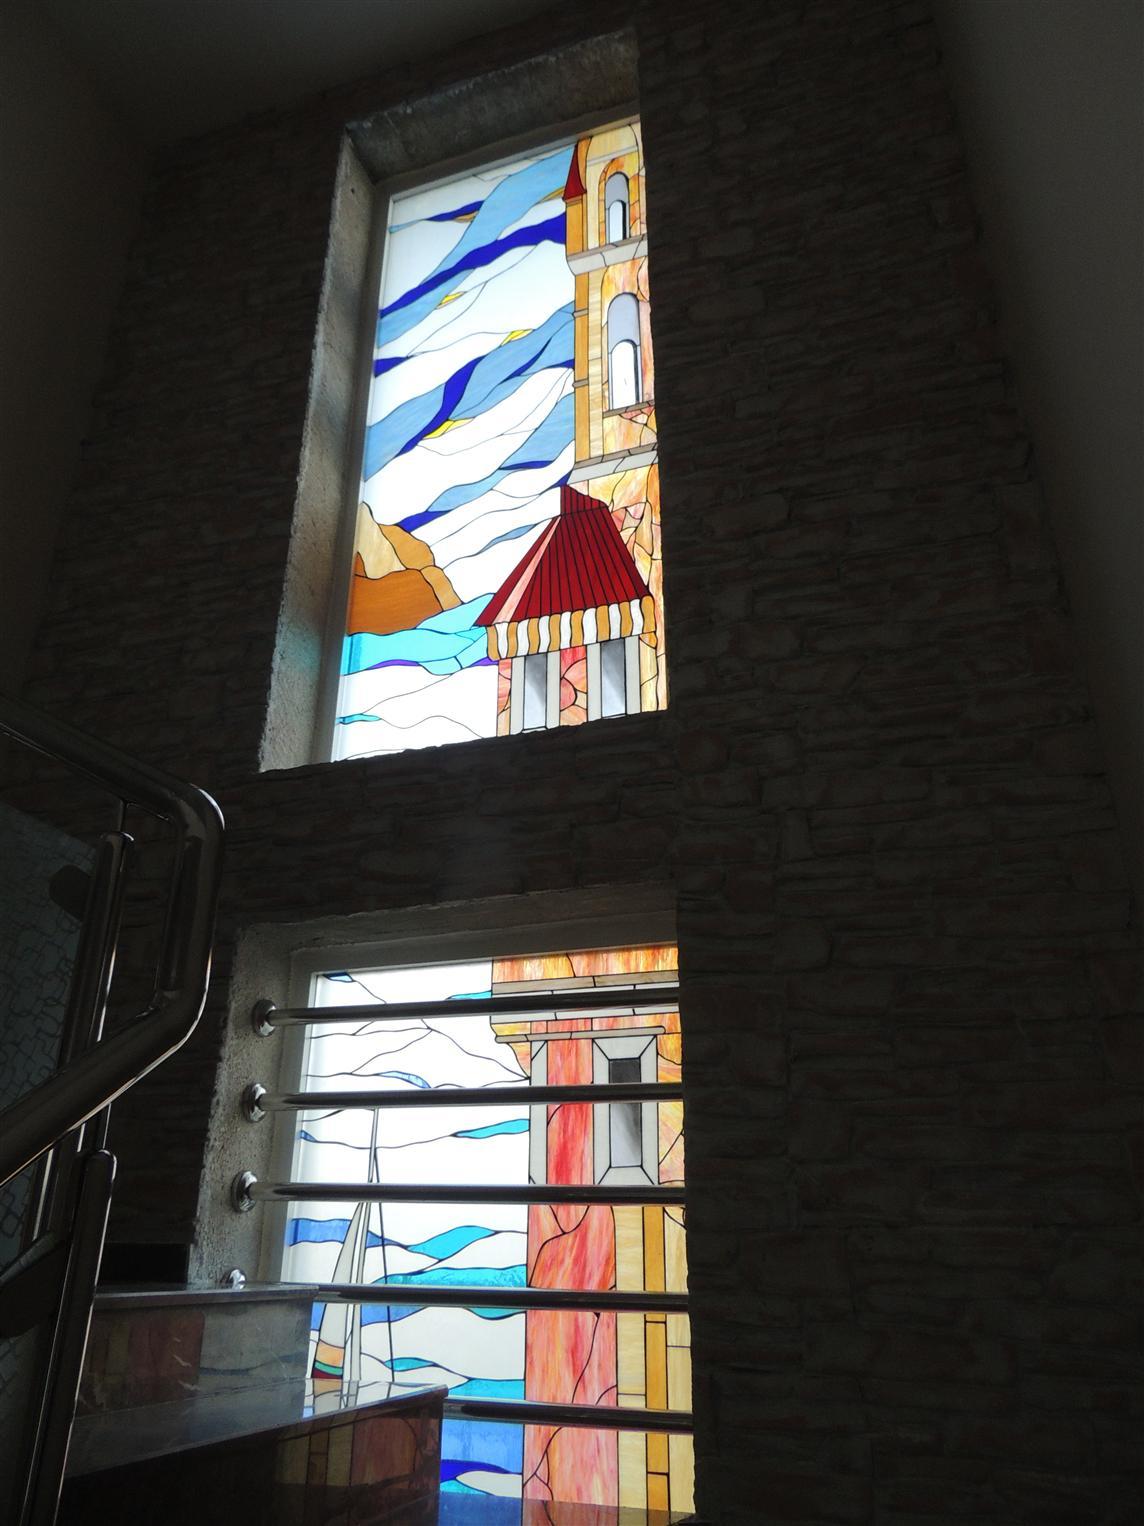 izka-insaat-life-port-evleri2015921164846900.jpg izmir vitray çalışması